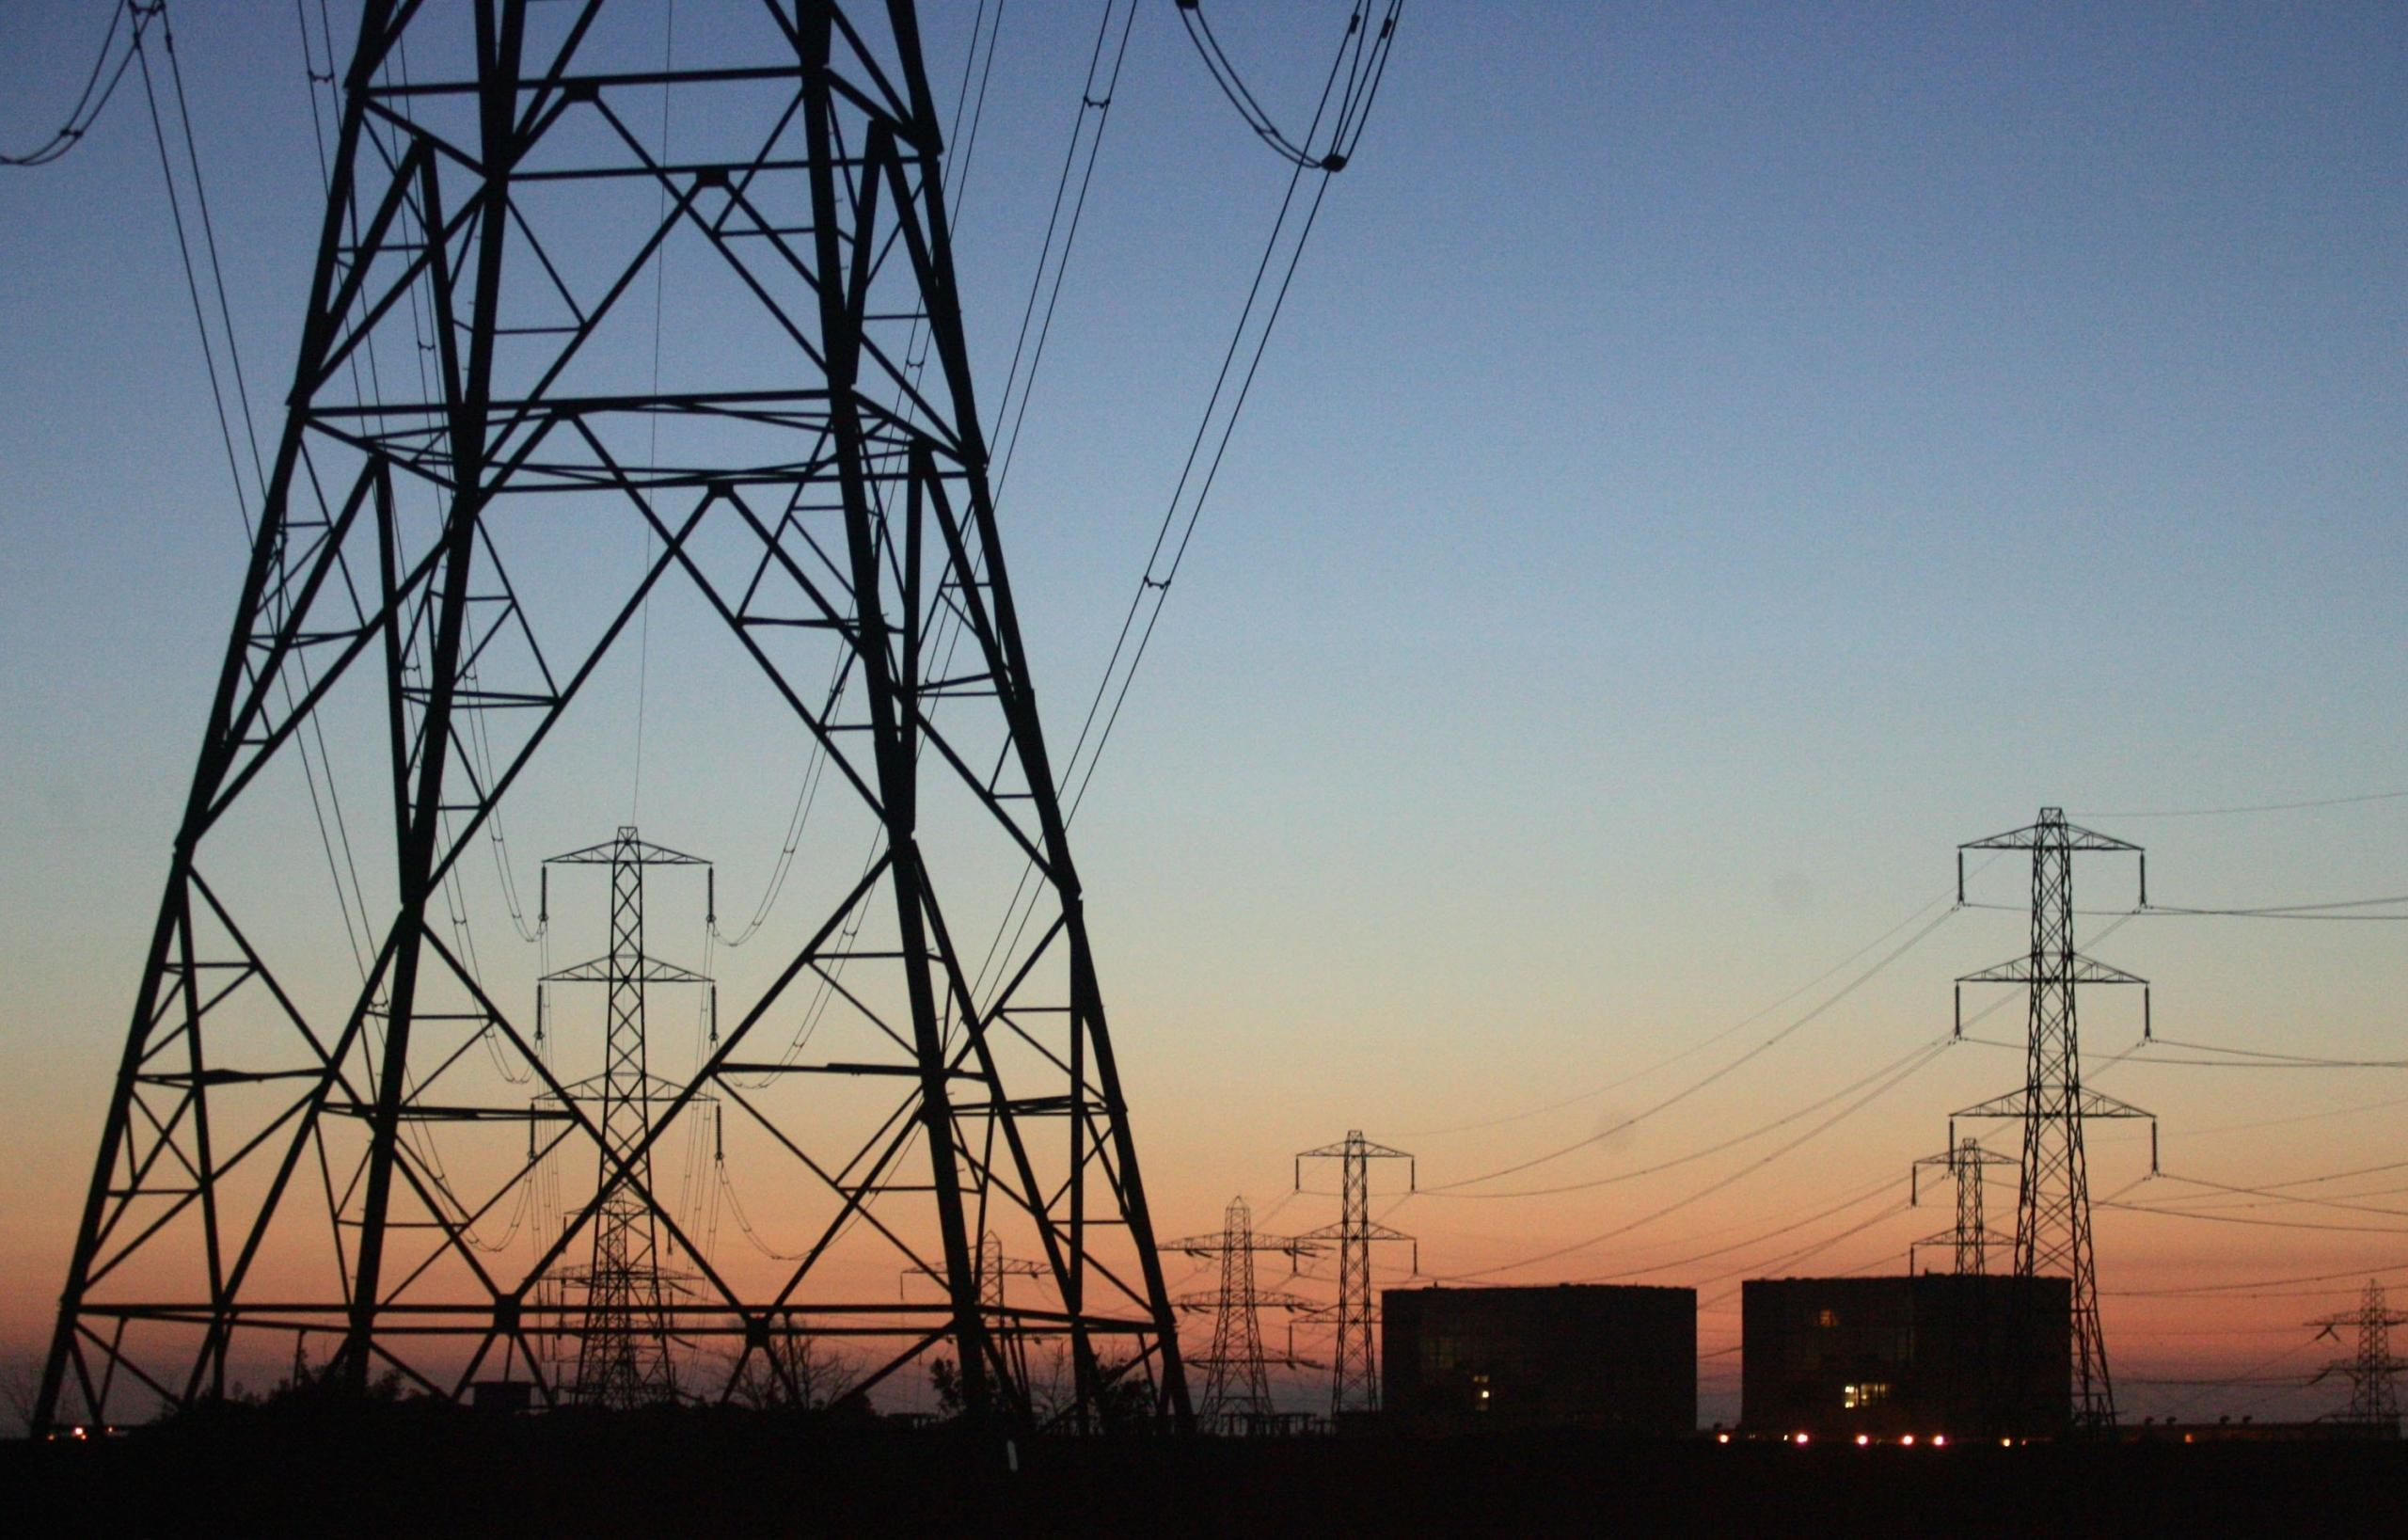 الشركة العامة للكهرباء تعلن حالة إطفاء لثلاث ساعات بمنطقة سيدي حسين في بنغازي